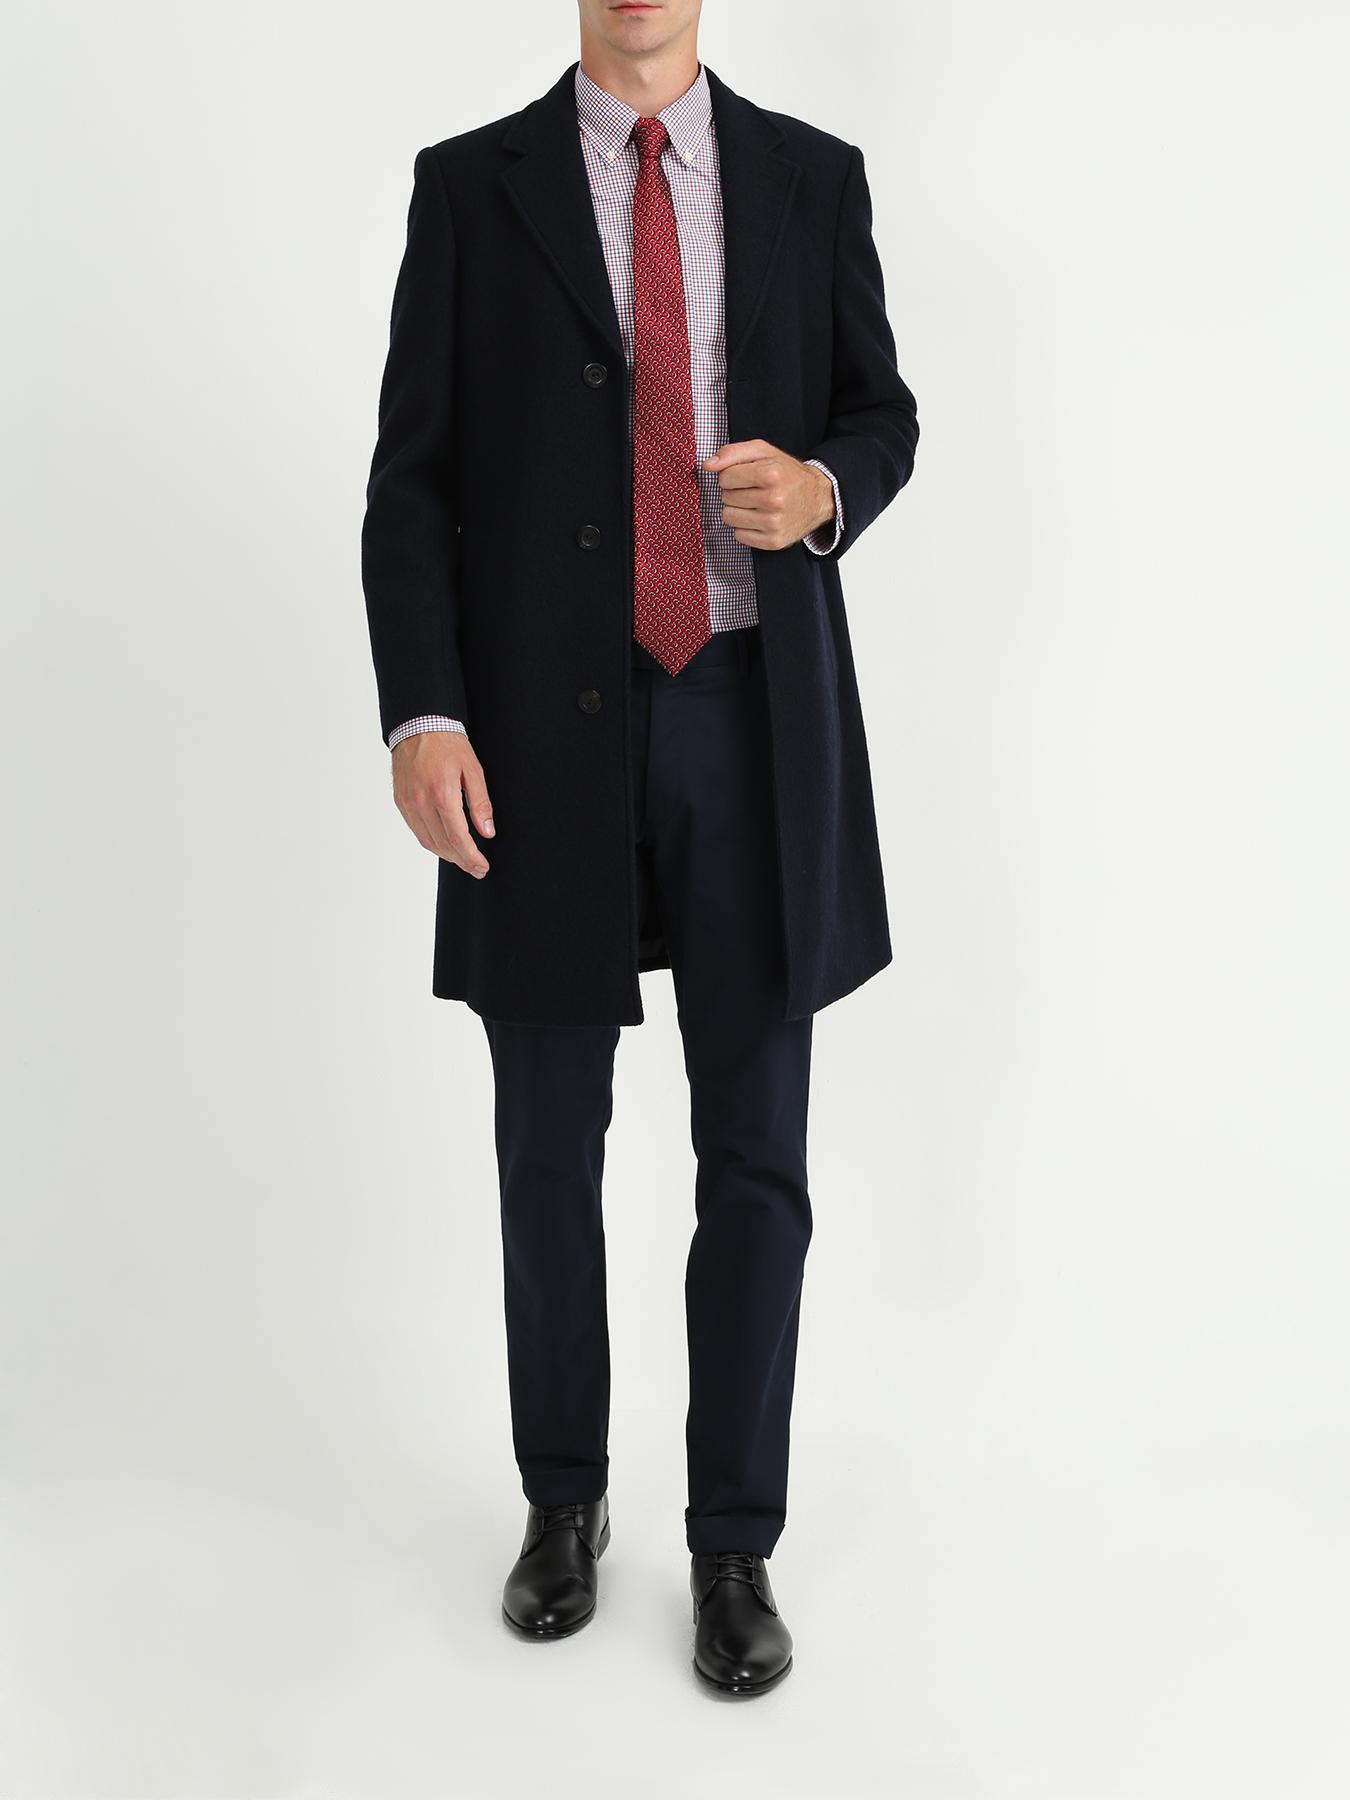 Alessandro Manzoni Jeans Классическое пальто от Alessandro Manzoni Jeans